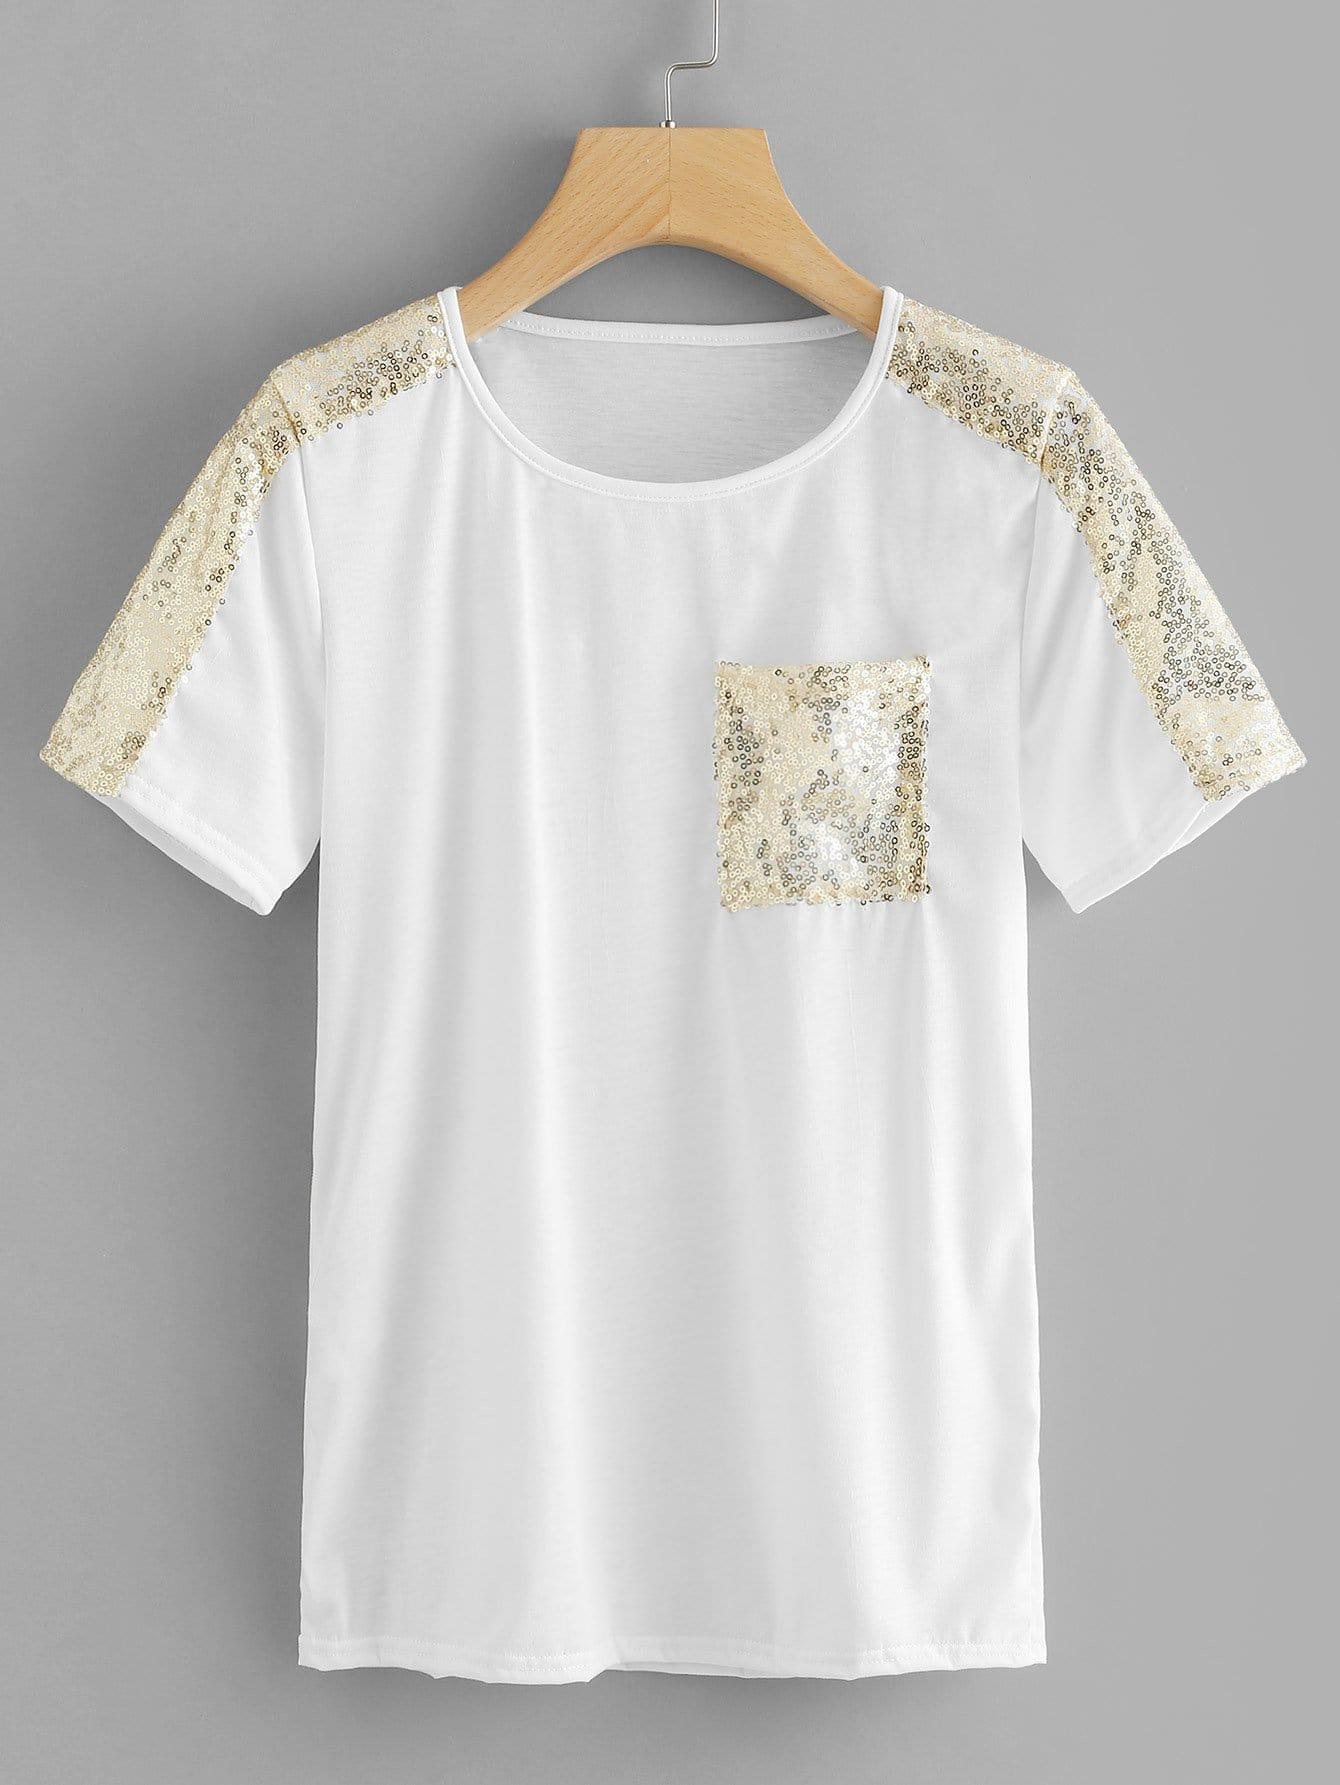 Contrast Sequin Tee contrast sequin mesh sleeve asymmetric tee